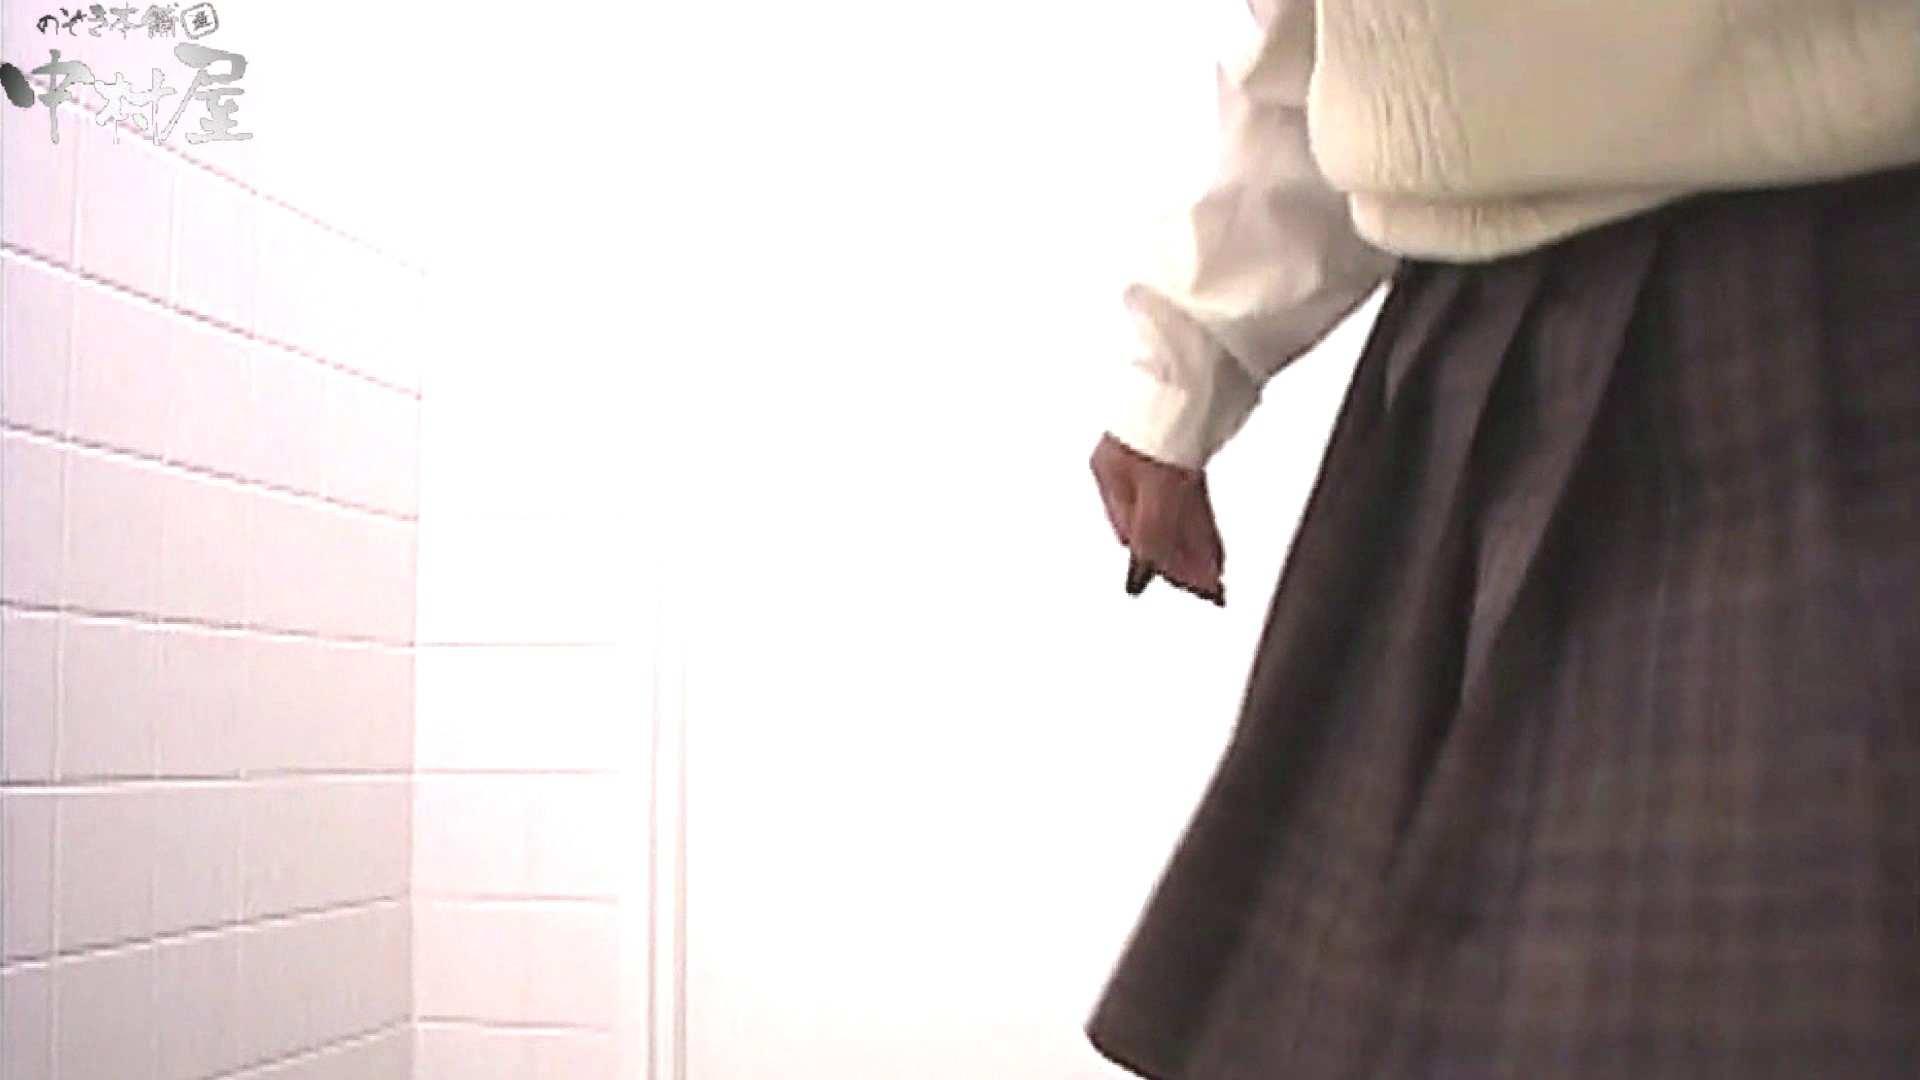 お漏らし寸前デパトイレ盗撮!Vol.10 お漏らし 盗み撮りSEX無修正画像 55連発 23